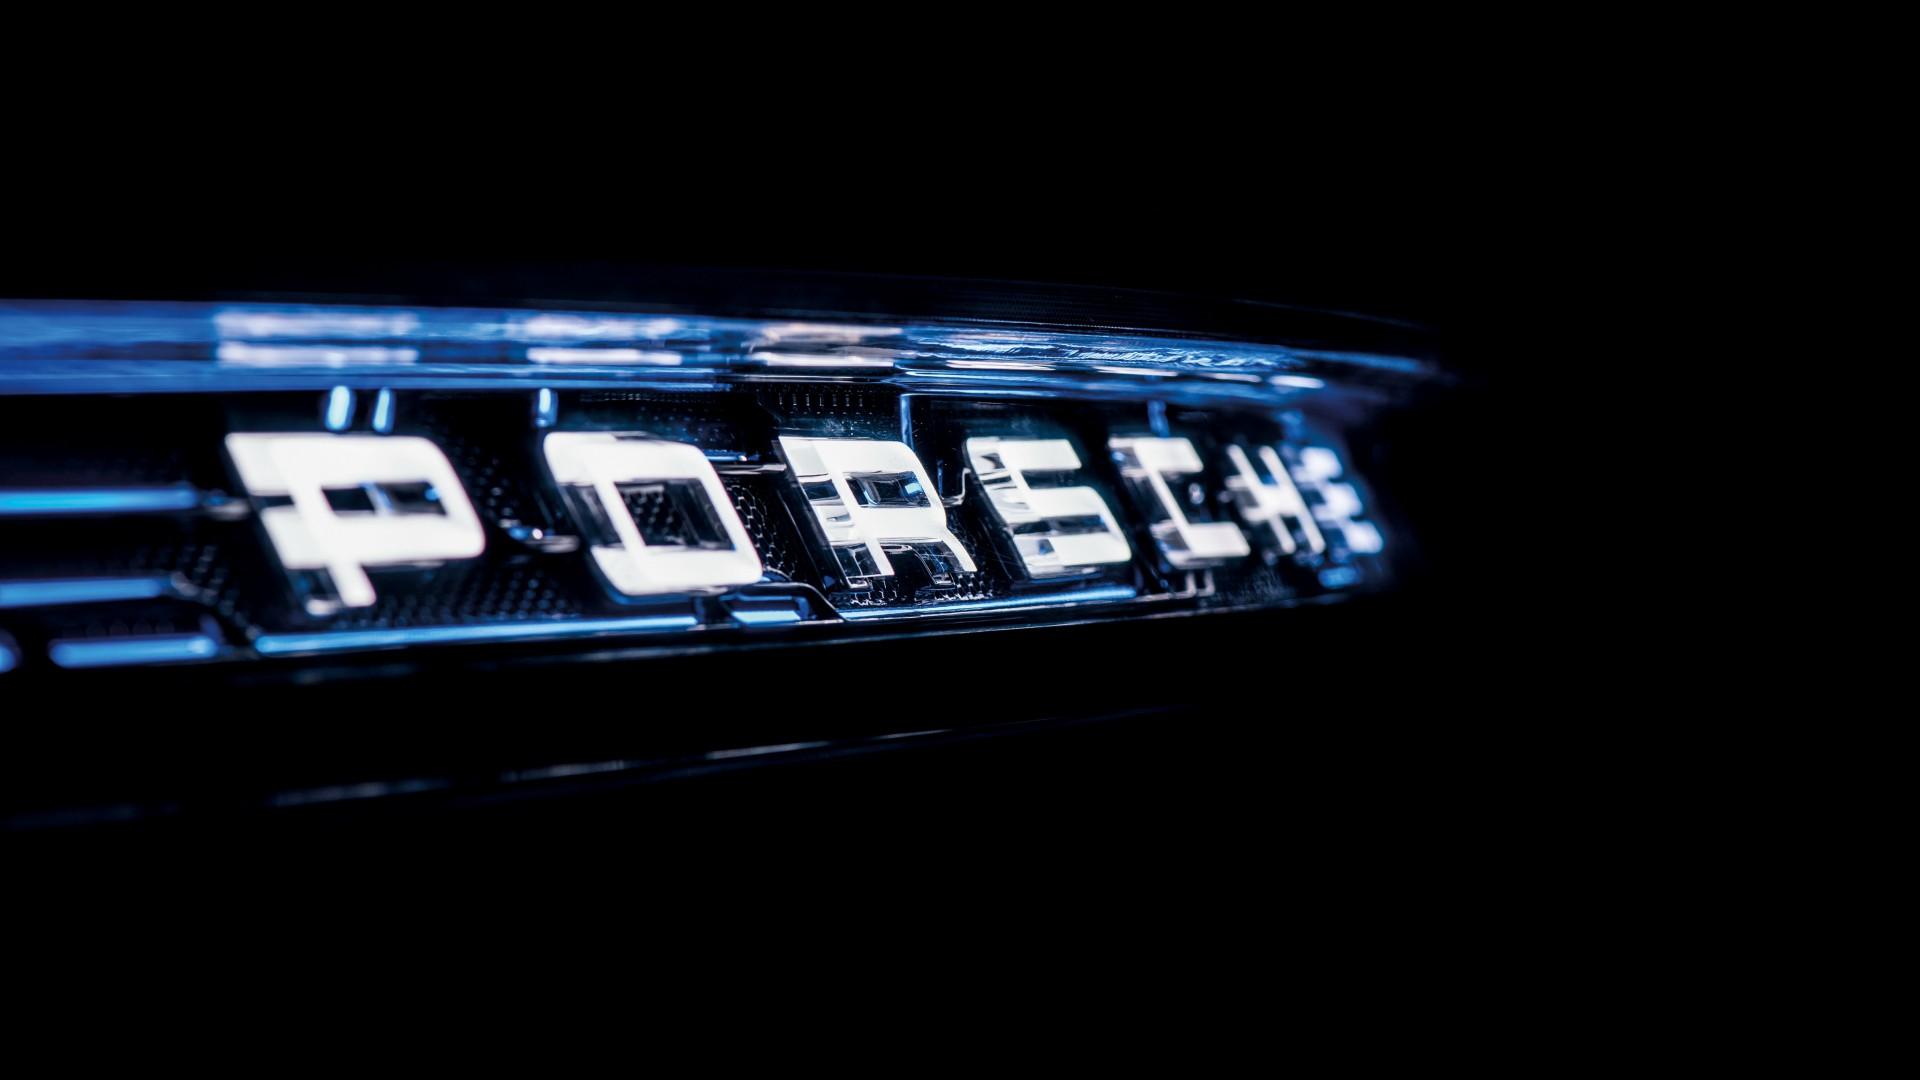 Jaguar Car Logo Hd Wallpaper Download 2018 Porsche Mission E Cross Turismo Wallpaper Hd Car